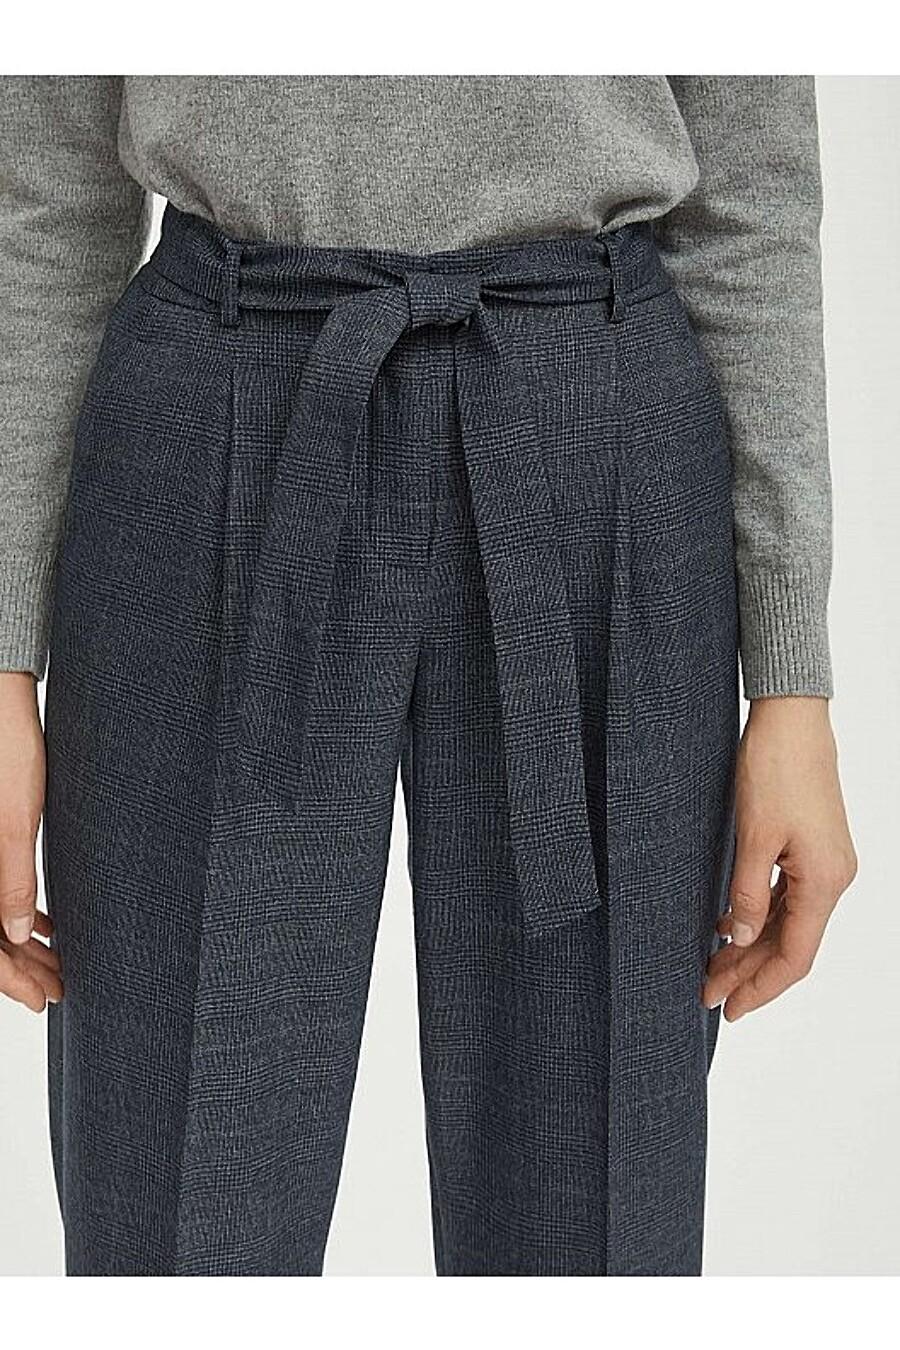 Брюки для женщин CALISTA 655294 купить оптом от производителя. Совместная покупка женской одежды в OptMoyo